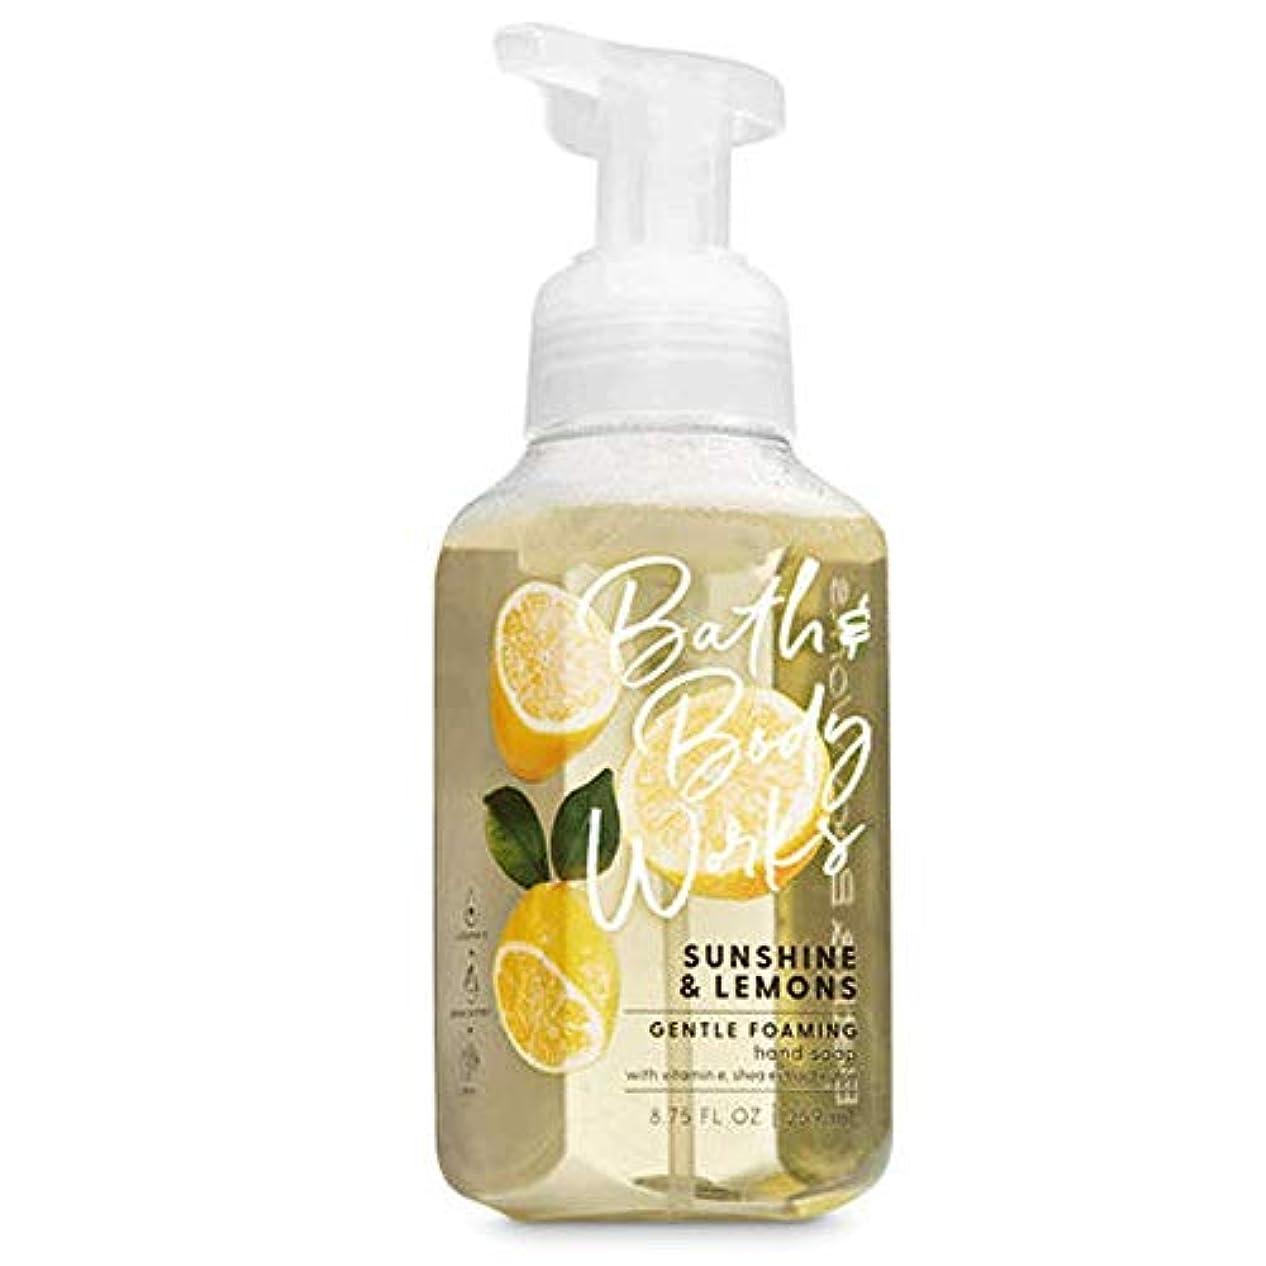 。みなす中世のバス&ボディワークス サンシャインレモン ジェントル フォーミング ハンドソープ Sunshine & Lemons Gentle Foaming Hand Soap